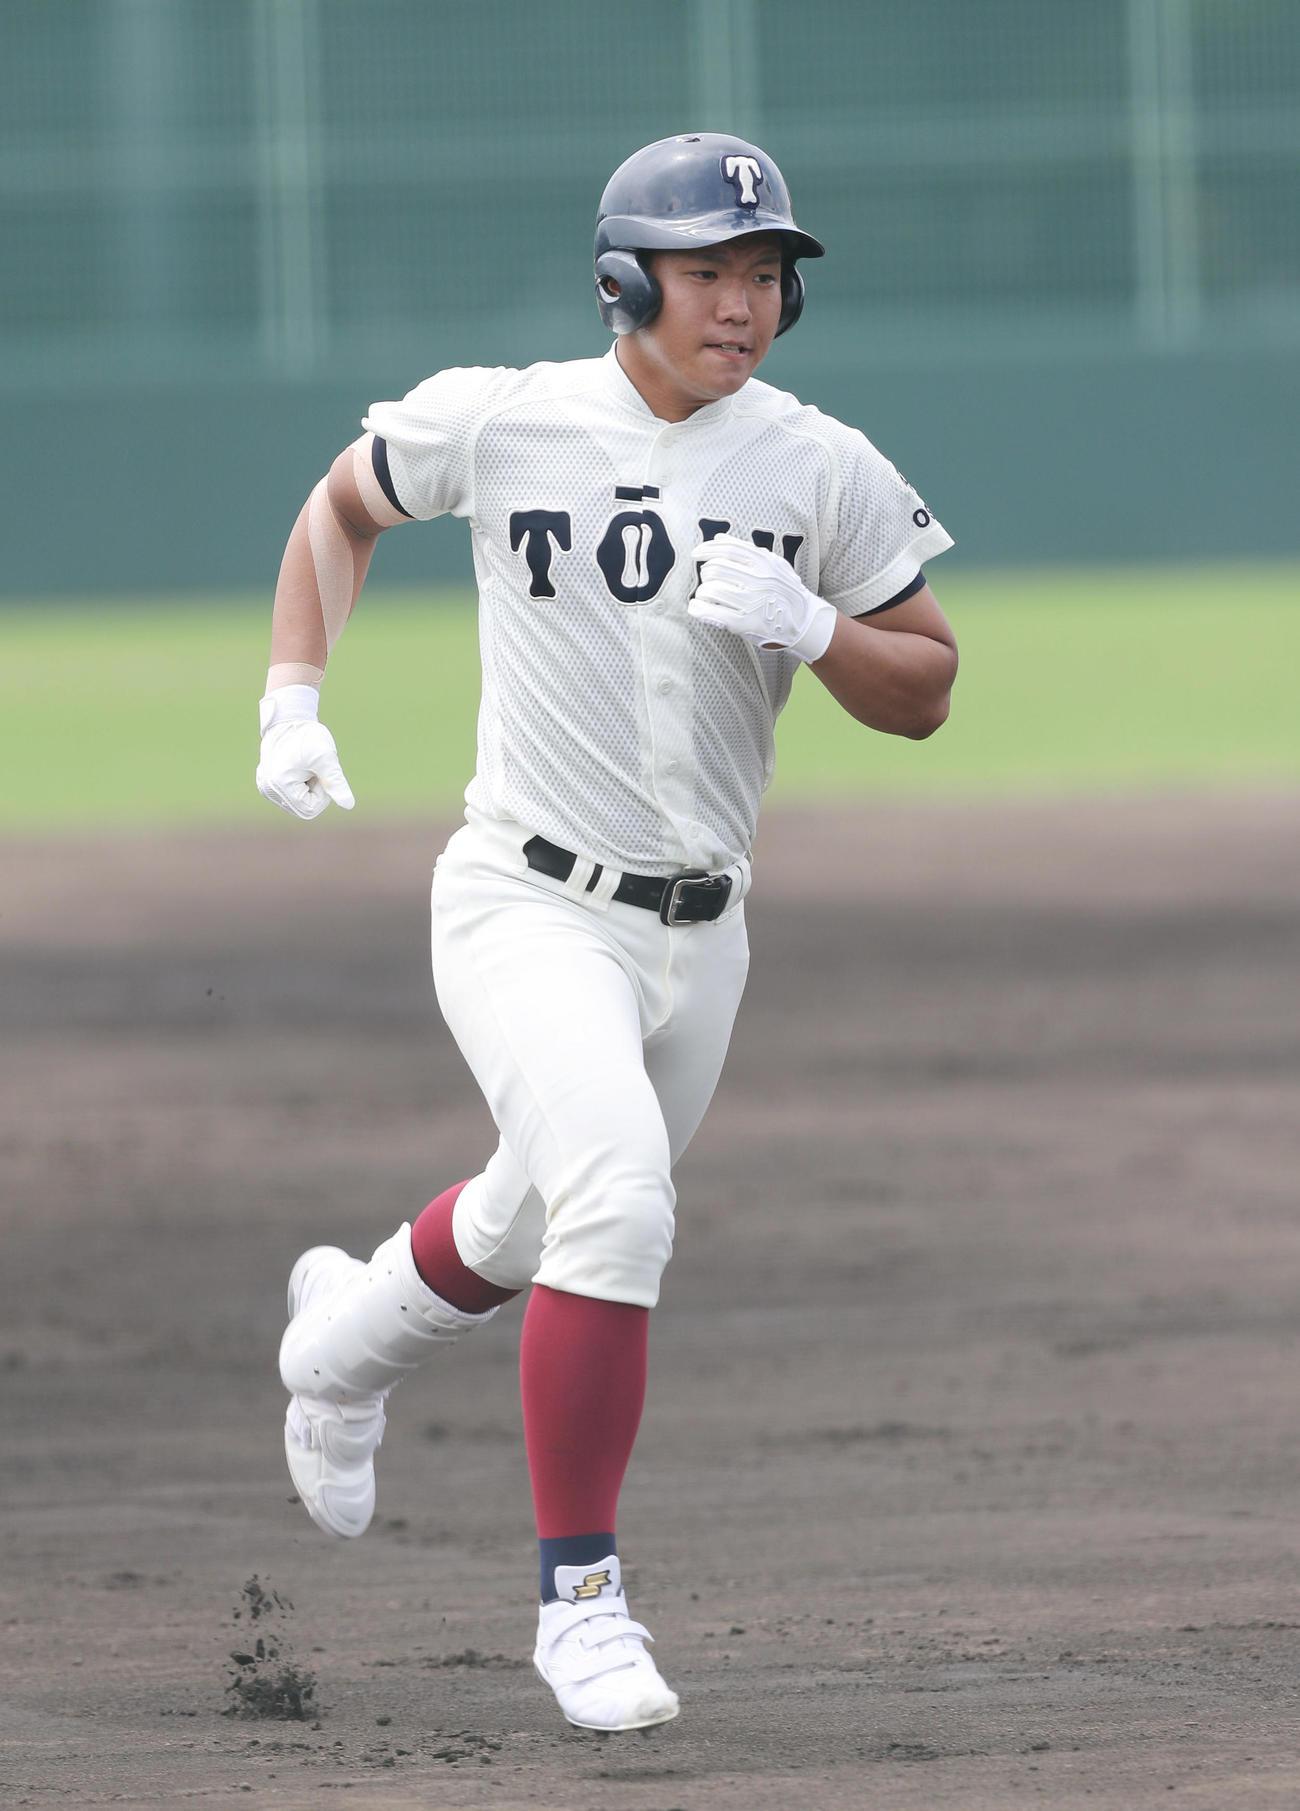 大阪桐蔭対吹田 2回表大阪桐蔭無死一塁、中越え2点本塁打を放つ上野(撮影・前田充)